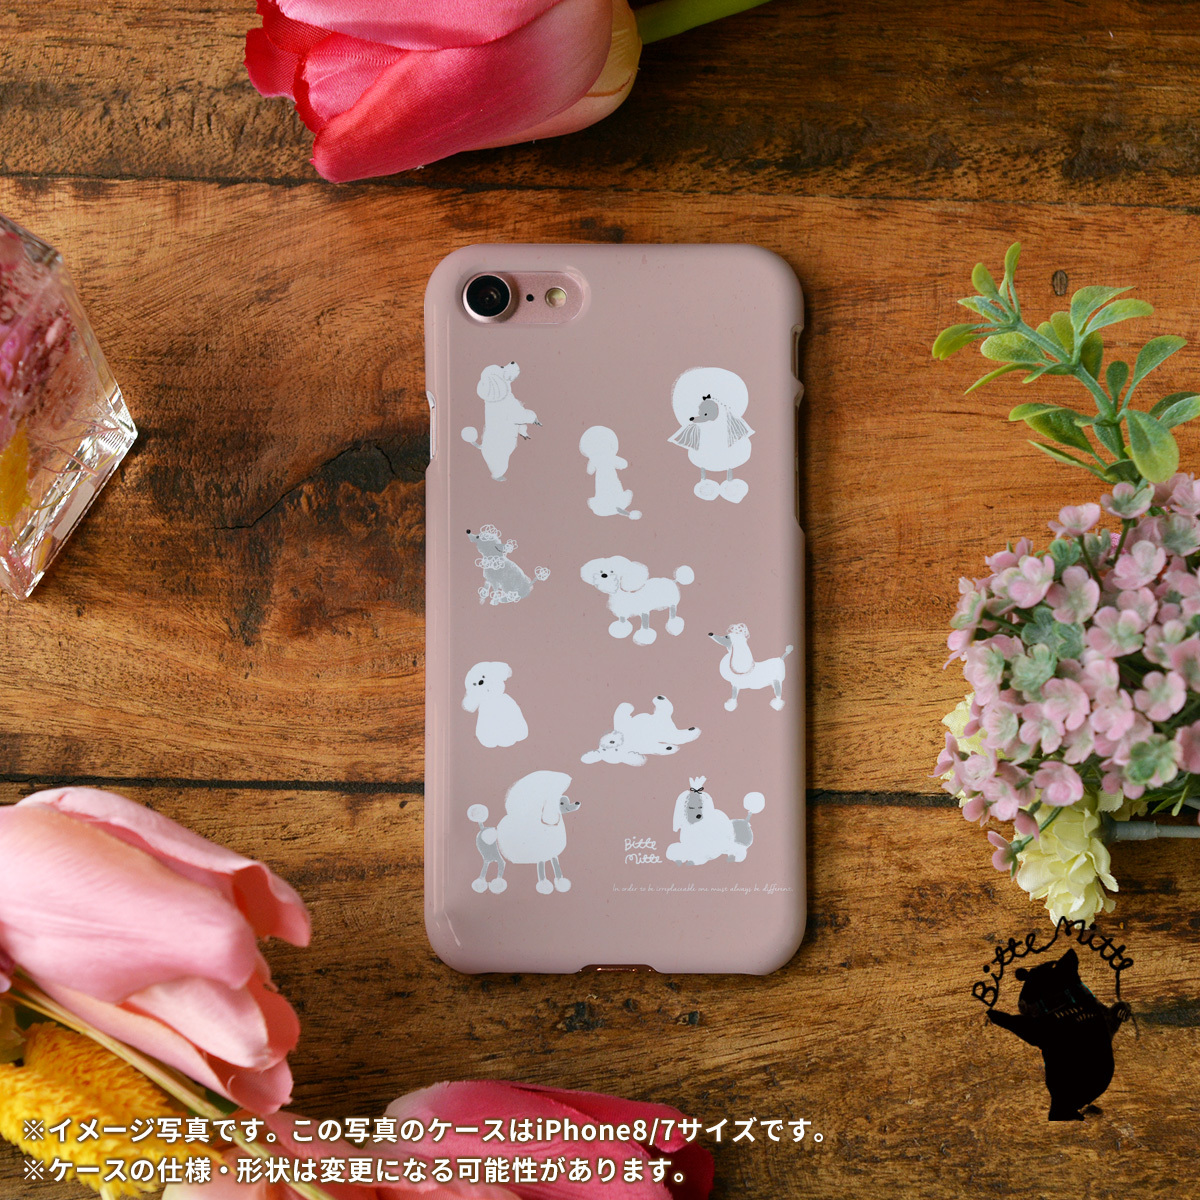 iphone8 ハードケース おしゃれ iphone8 ハードケース シンプル iphone7 ケース かわいい イヌ 犬 いぬ プードル/Bitte Mitte!